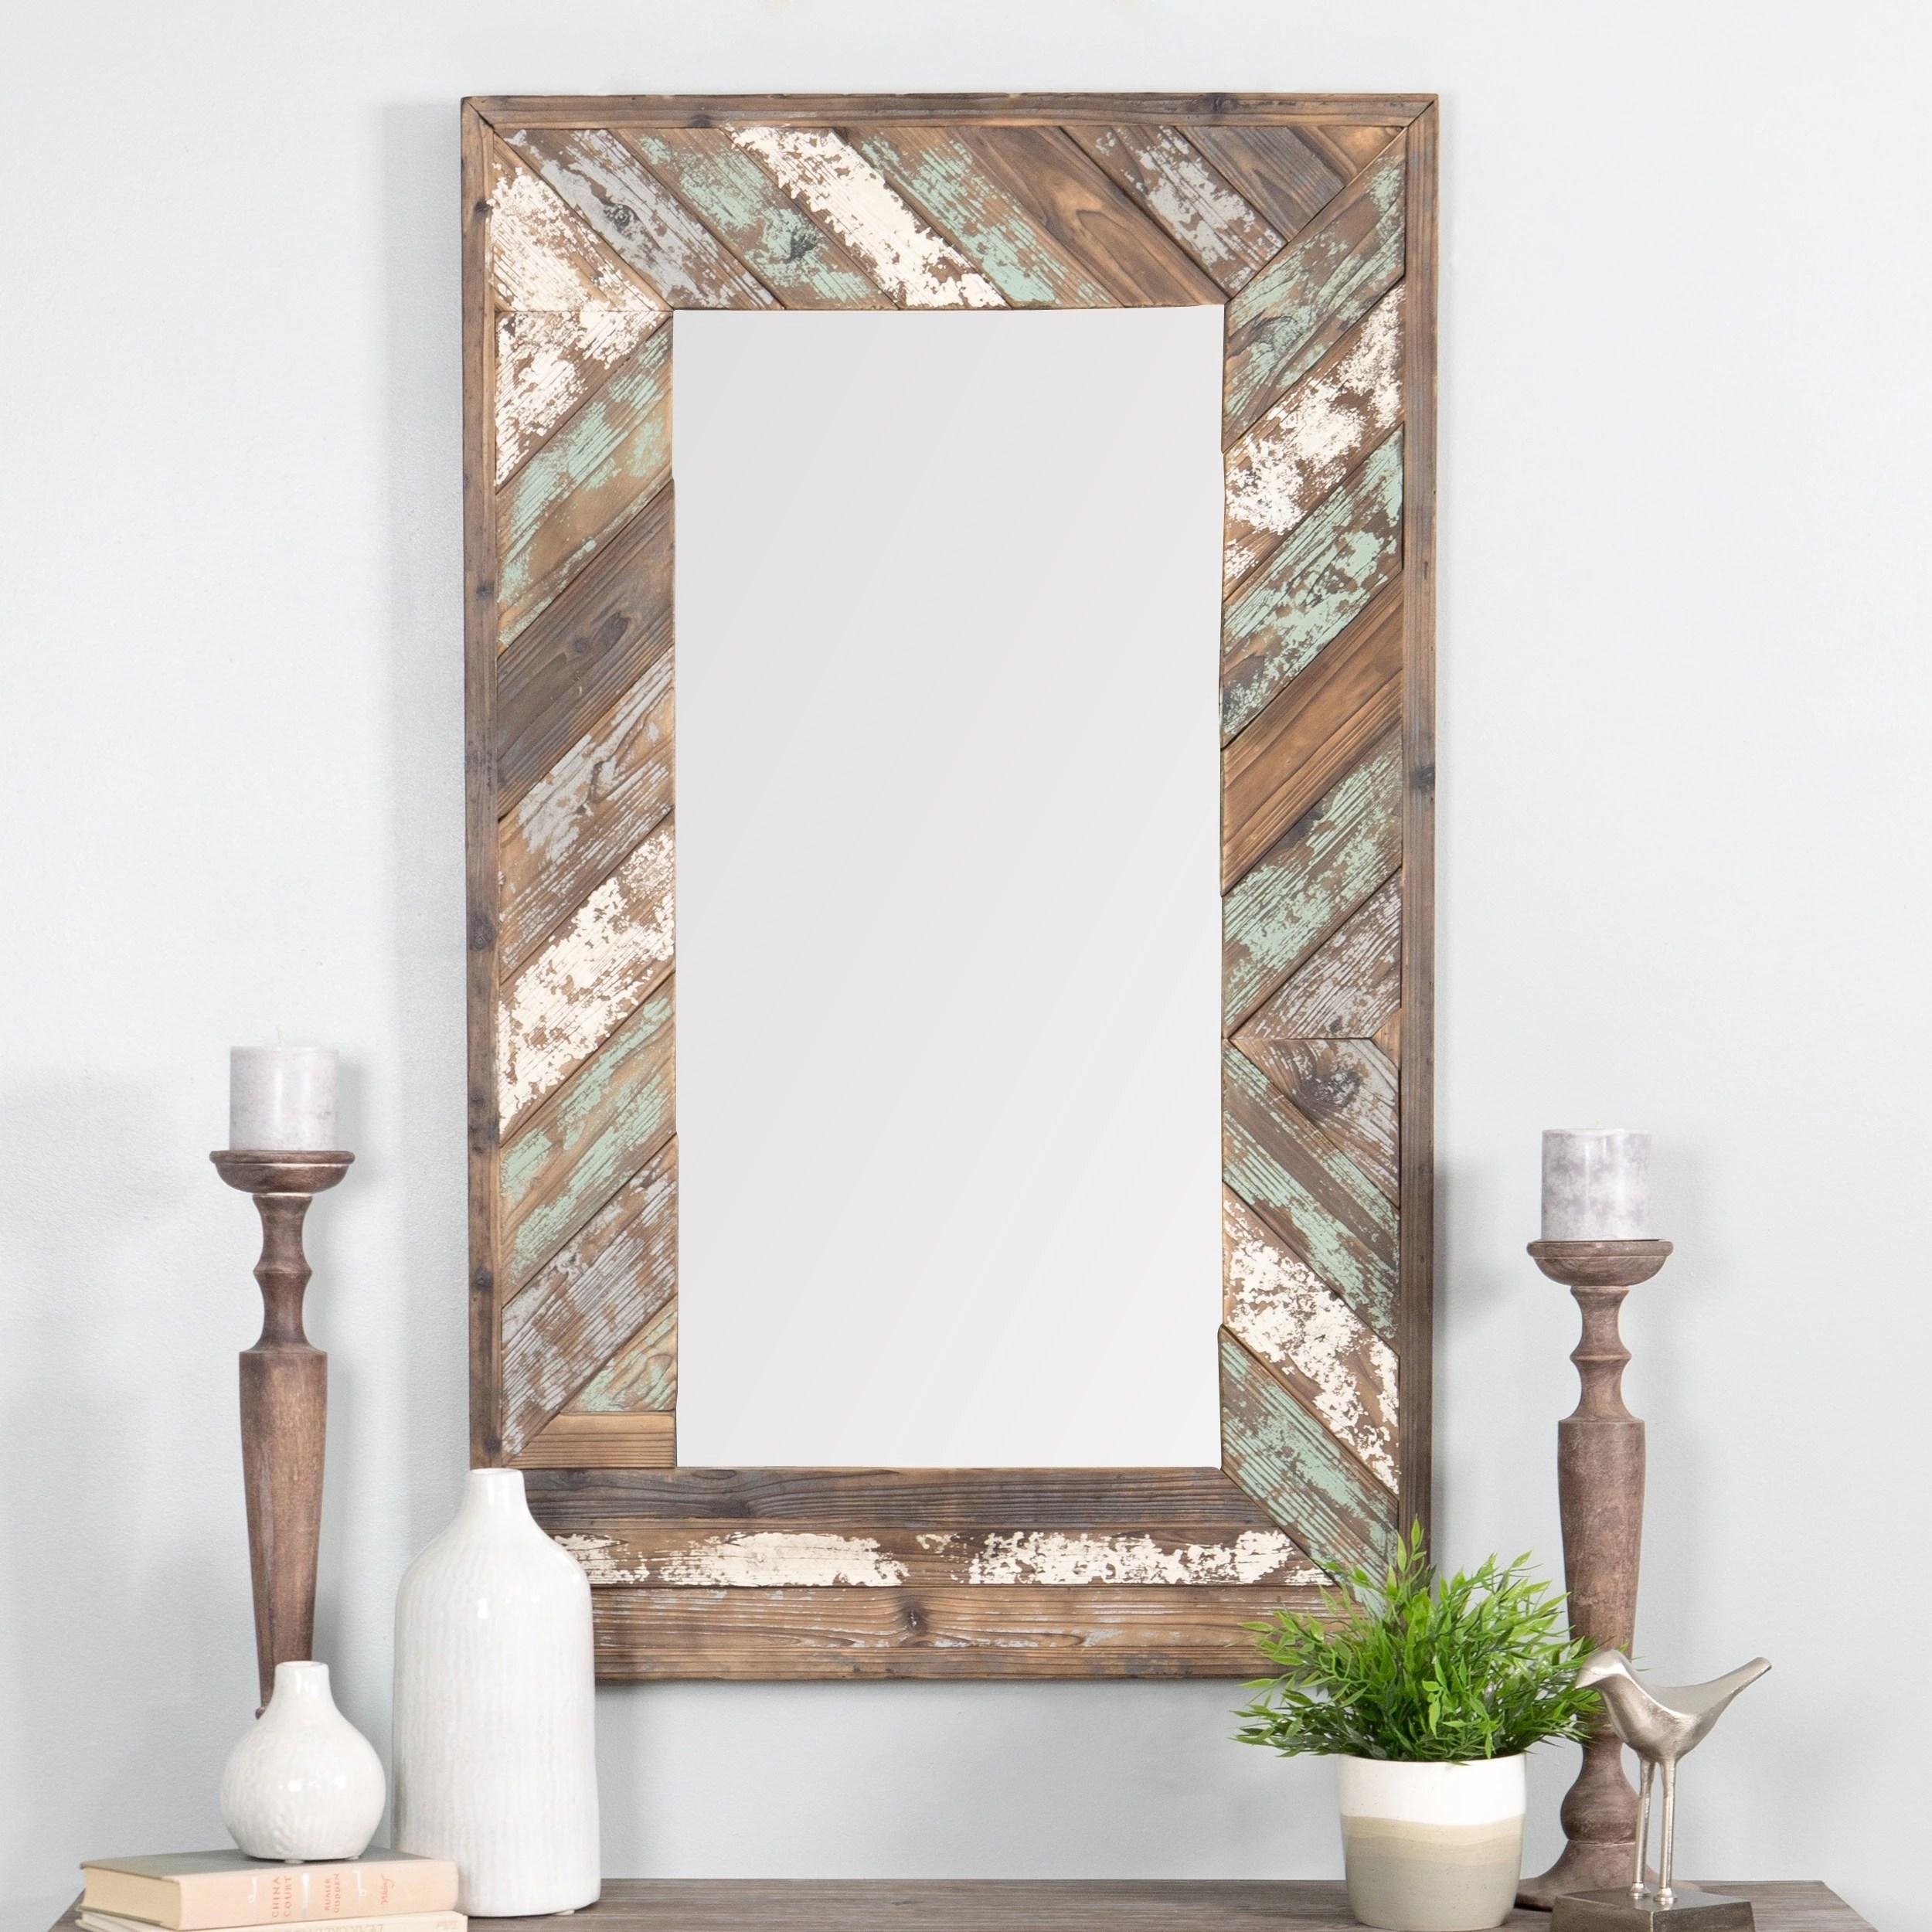 brogan distressed wood slat wall mirror 43 5 h x 26 5 w x 1 5 d mirror 31 5 h x 15 w